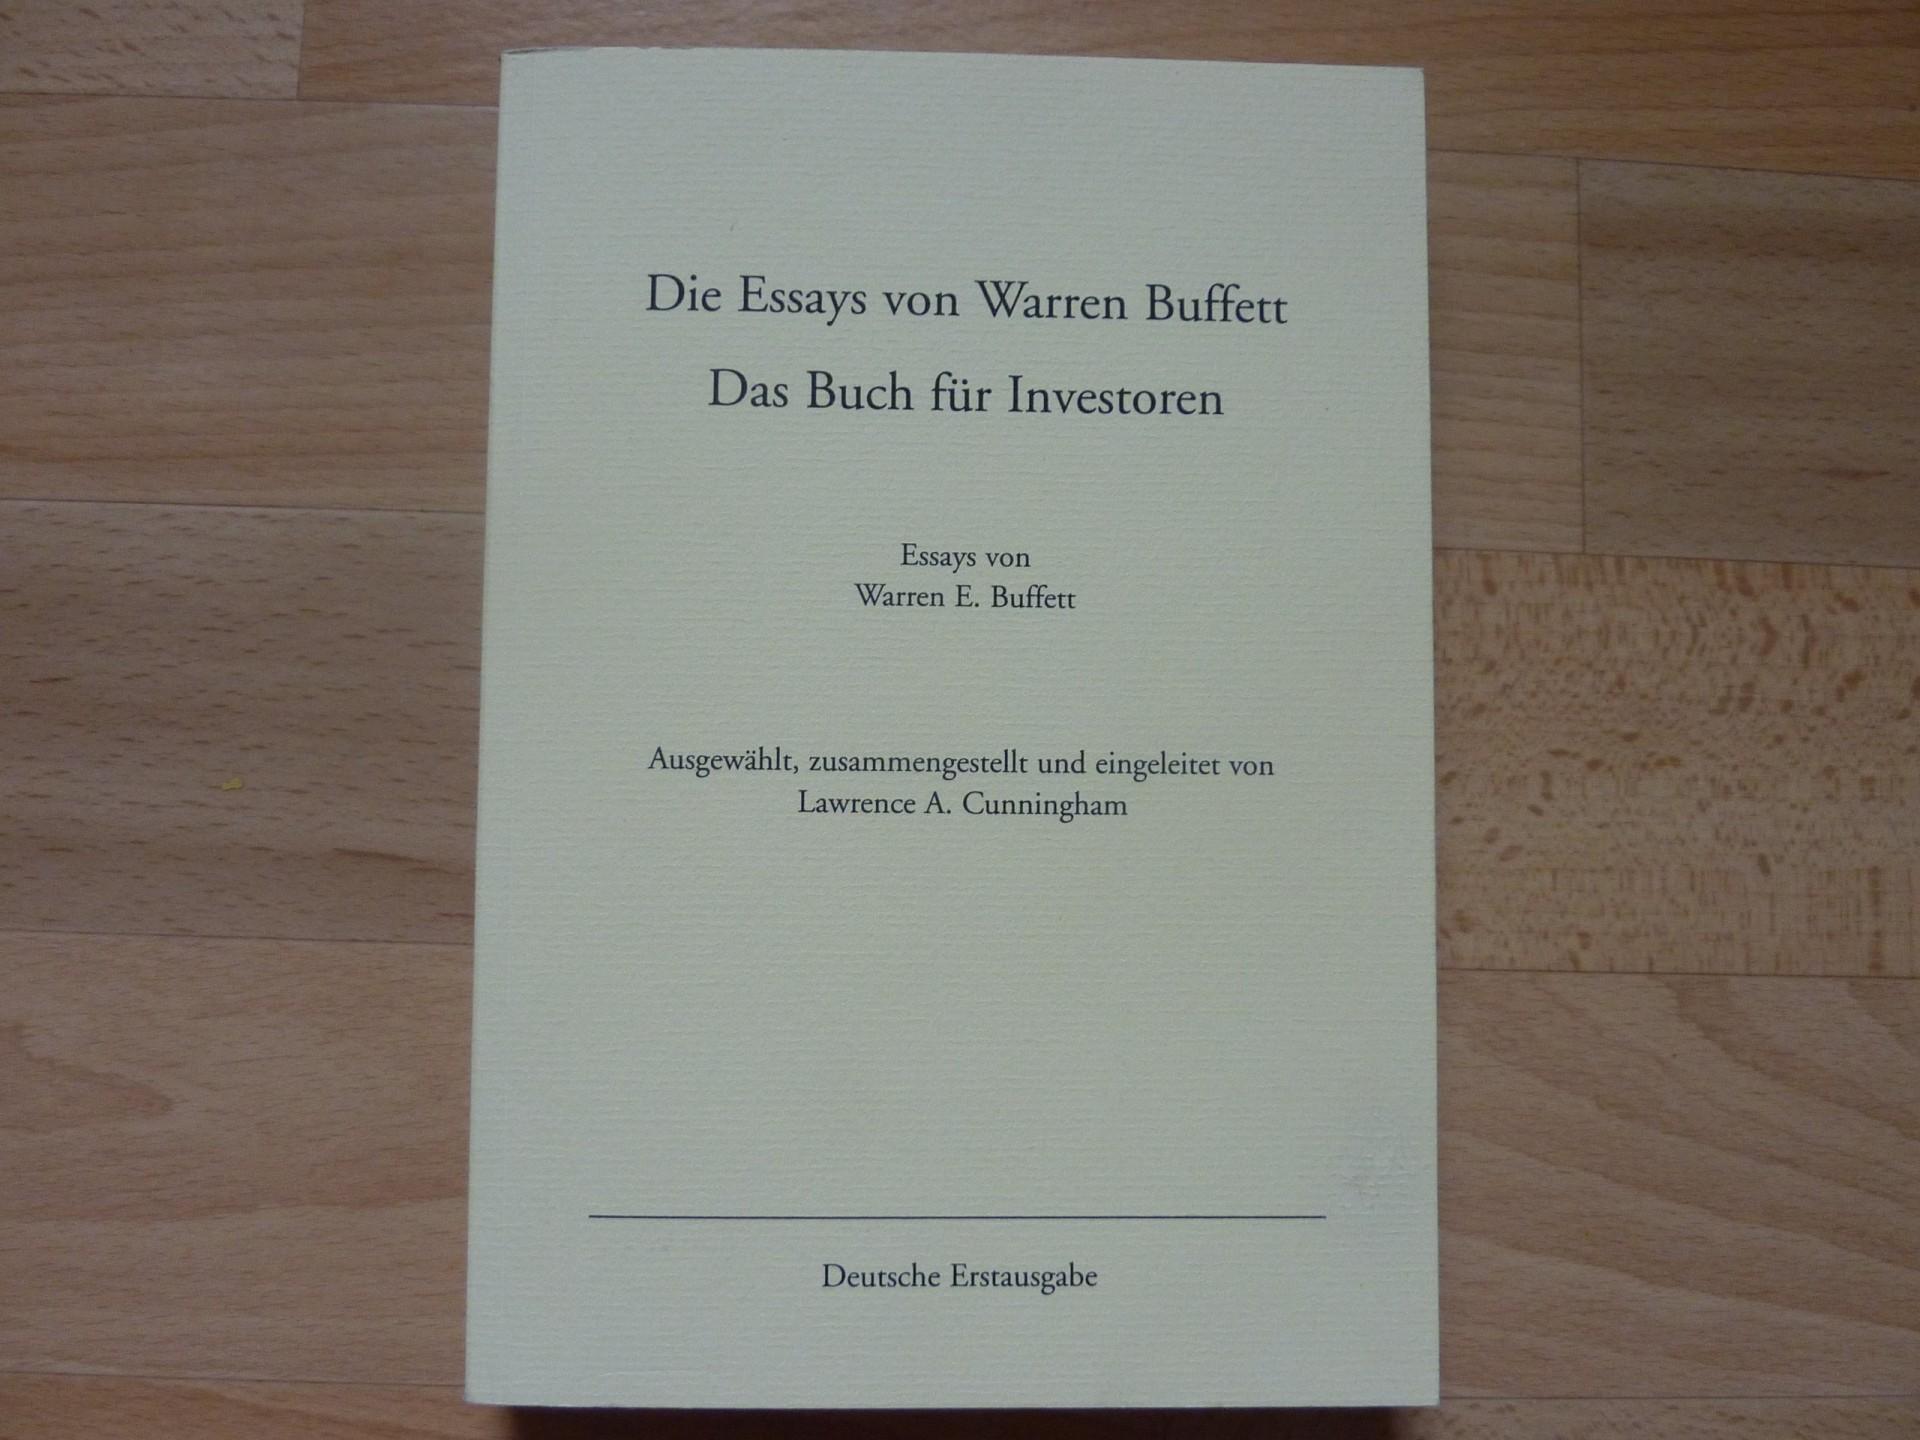 010 9152otplypl Essay Example Die Essays Von Warren Archaicawful Buffett Das Buch Für Investoren Pdf Und Unternehmer 1920